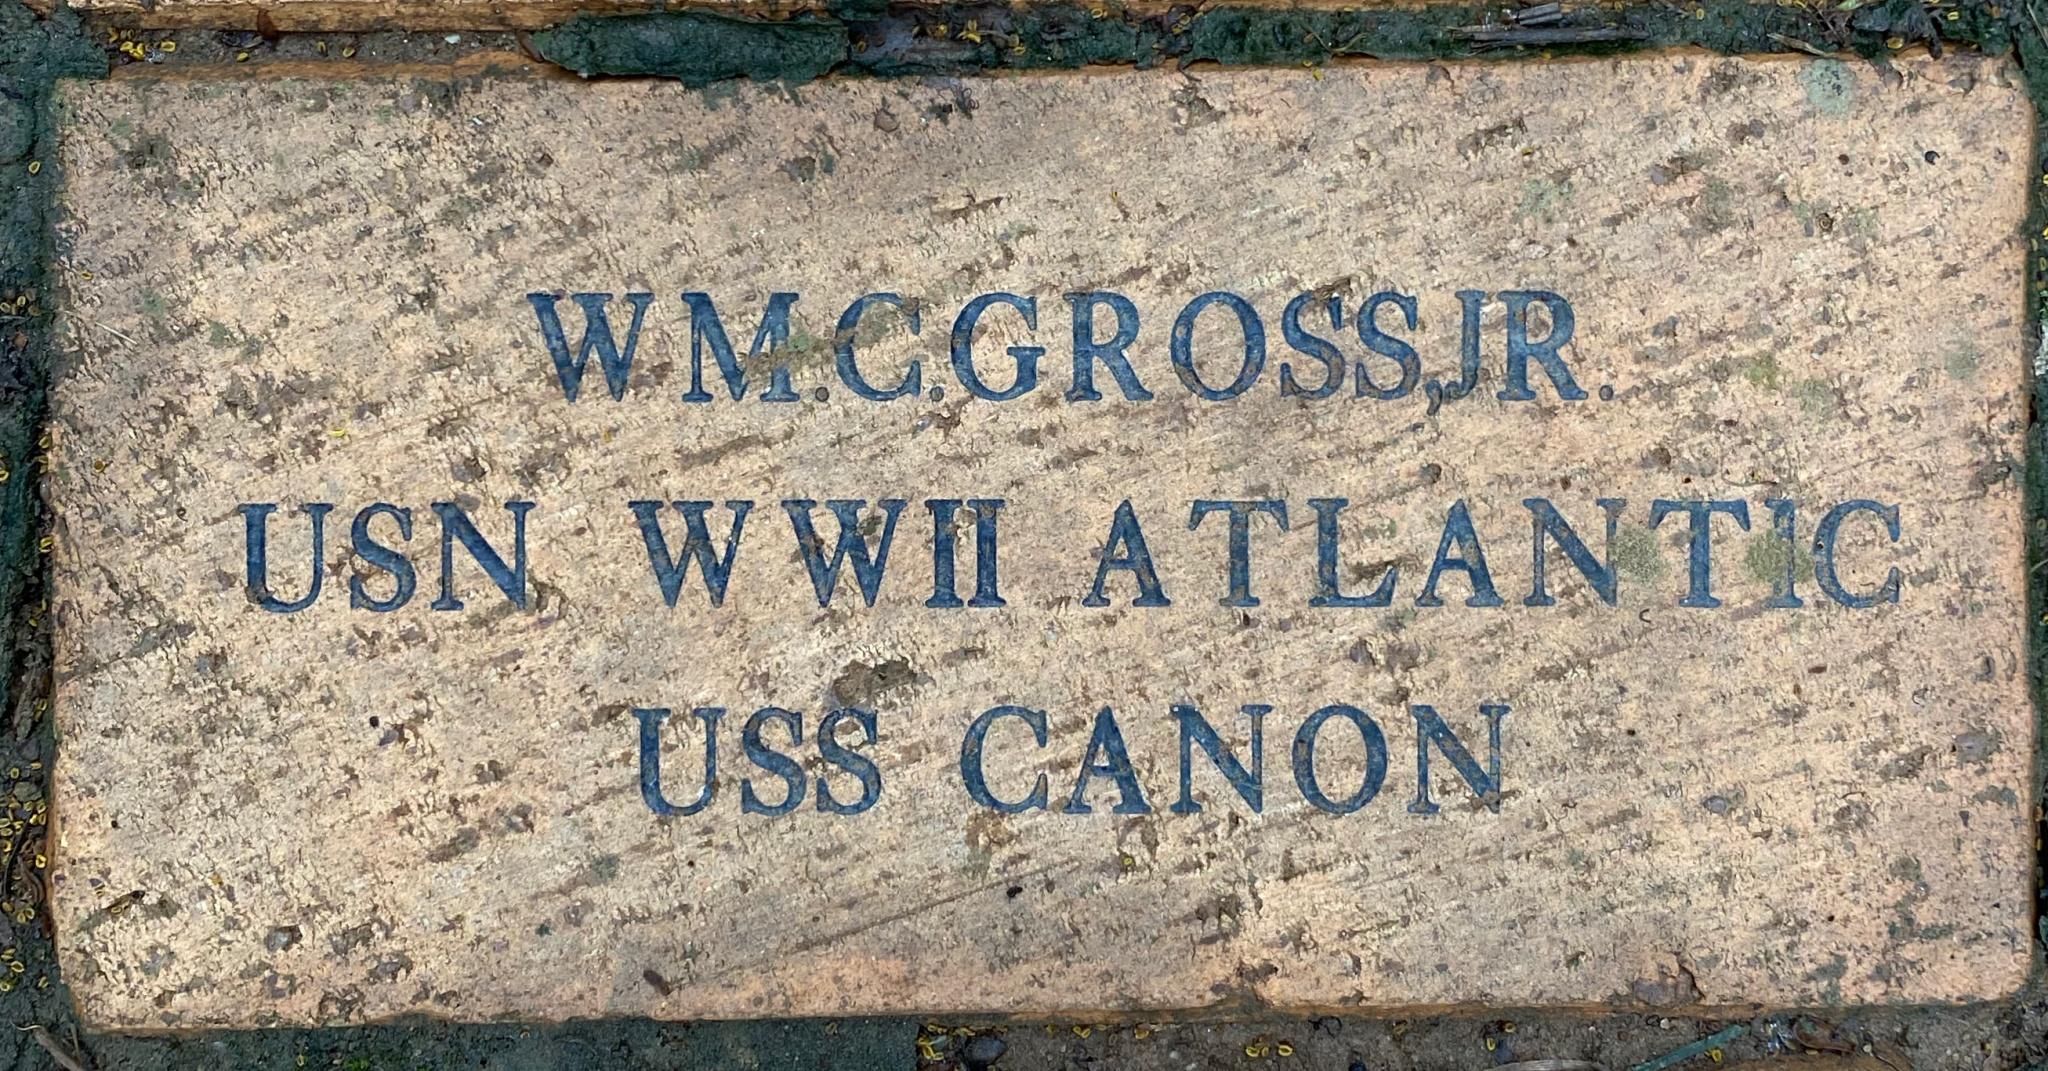 WM. C. GROSS, JR USN WWII ATLANTIC USS CANNON